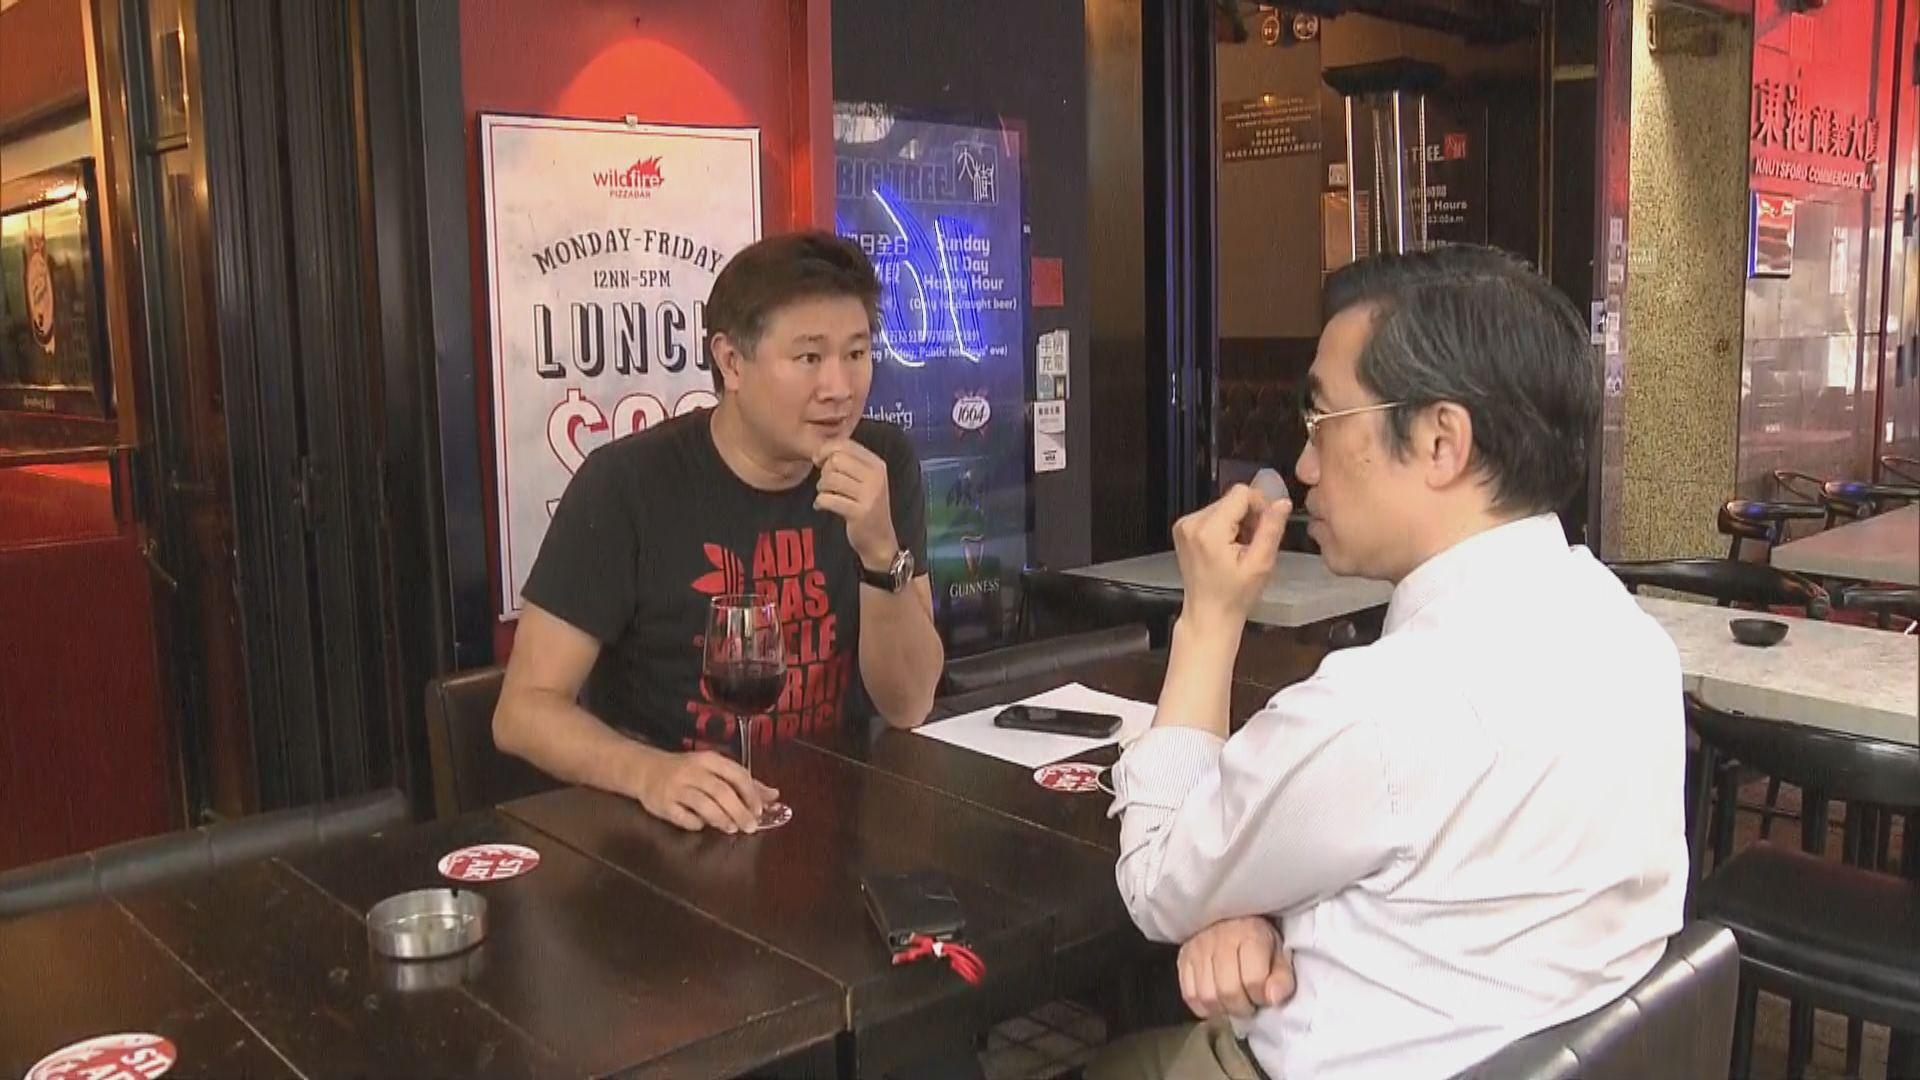 酒吧禁酒巿民質疑措施效用 員工憂飯碗不保